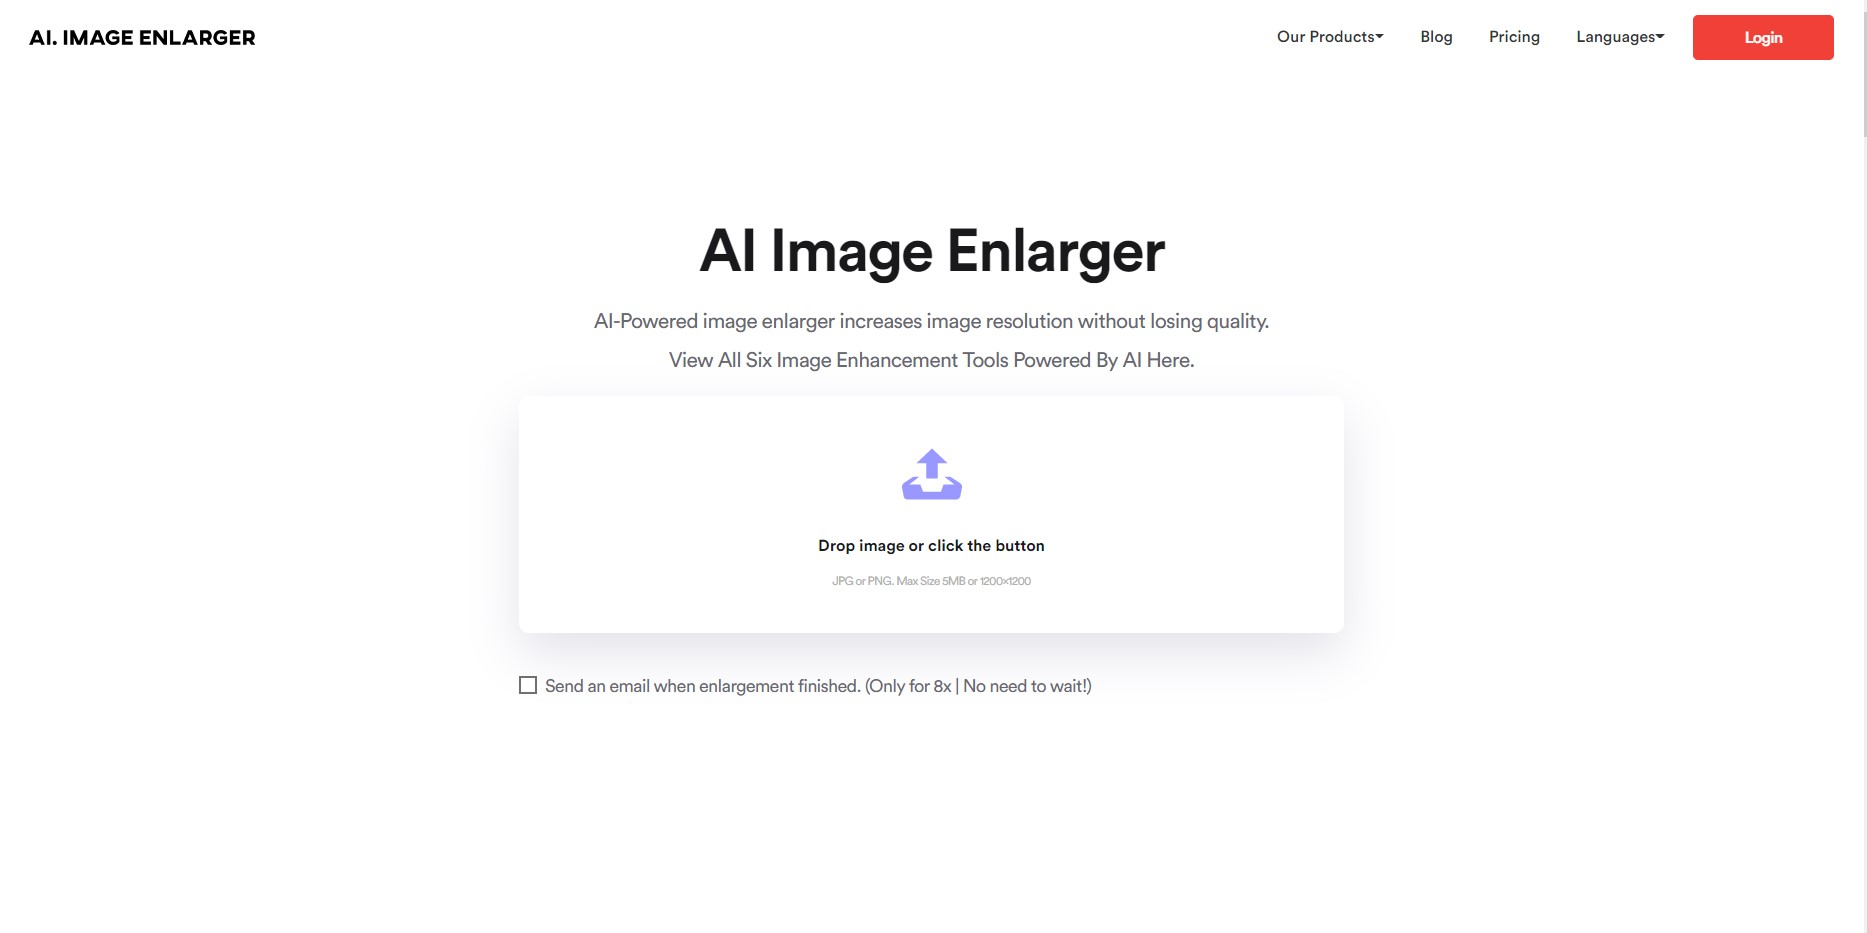 Сервис для улучшения фото